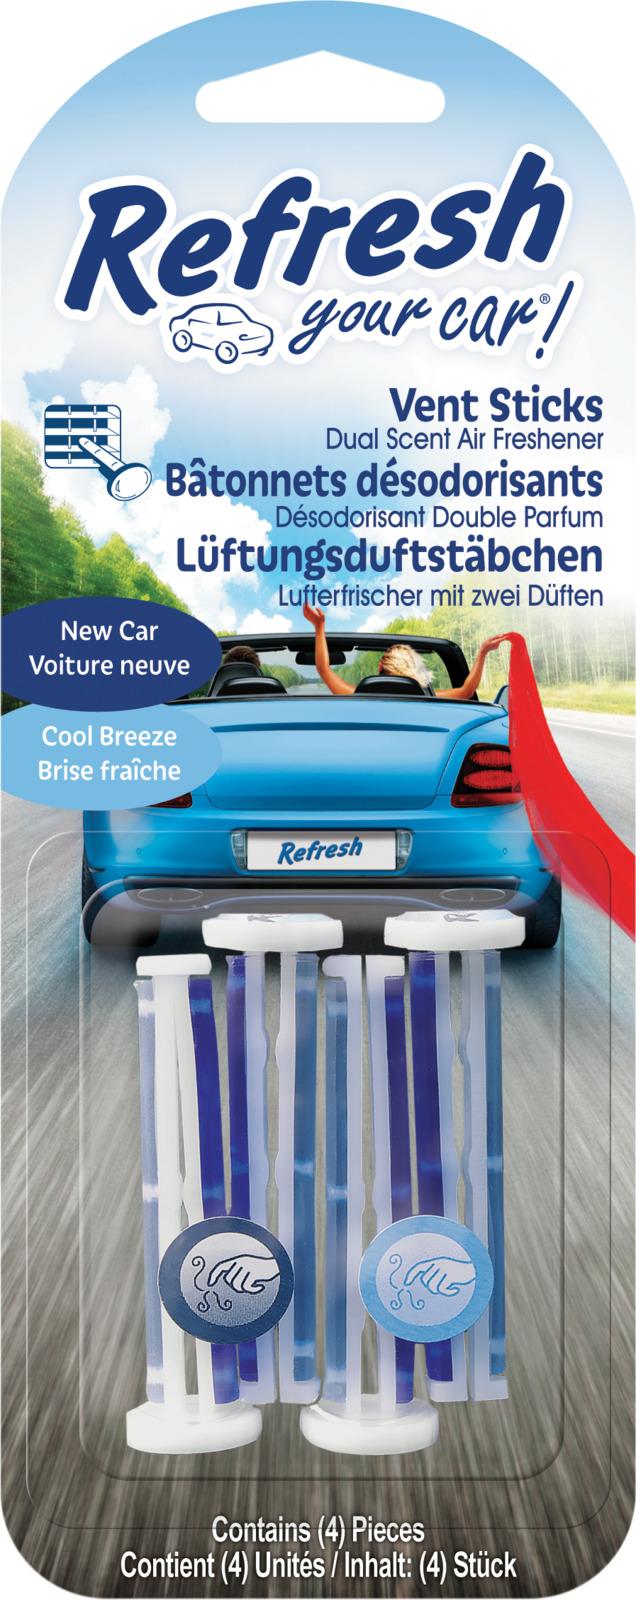 Освежитель воздуха автомобильный Refresh Your Car! C1, E301408700, 19 x 7,5 x 2,2 см, 4 шт